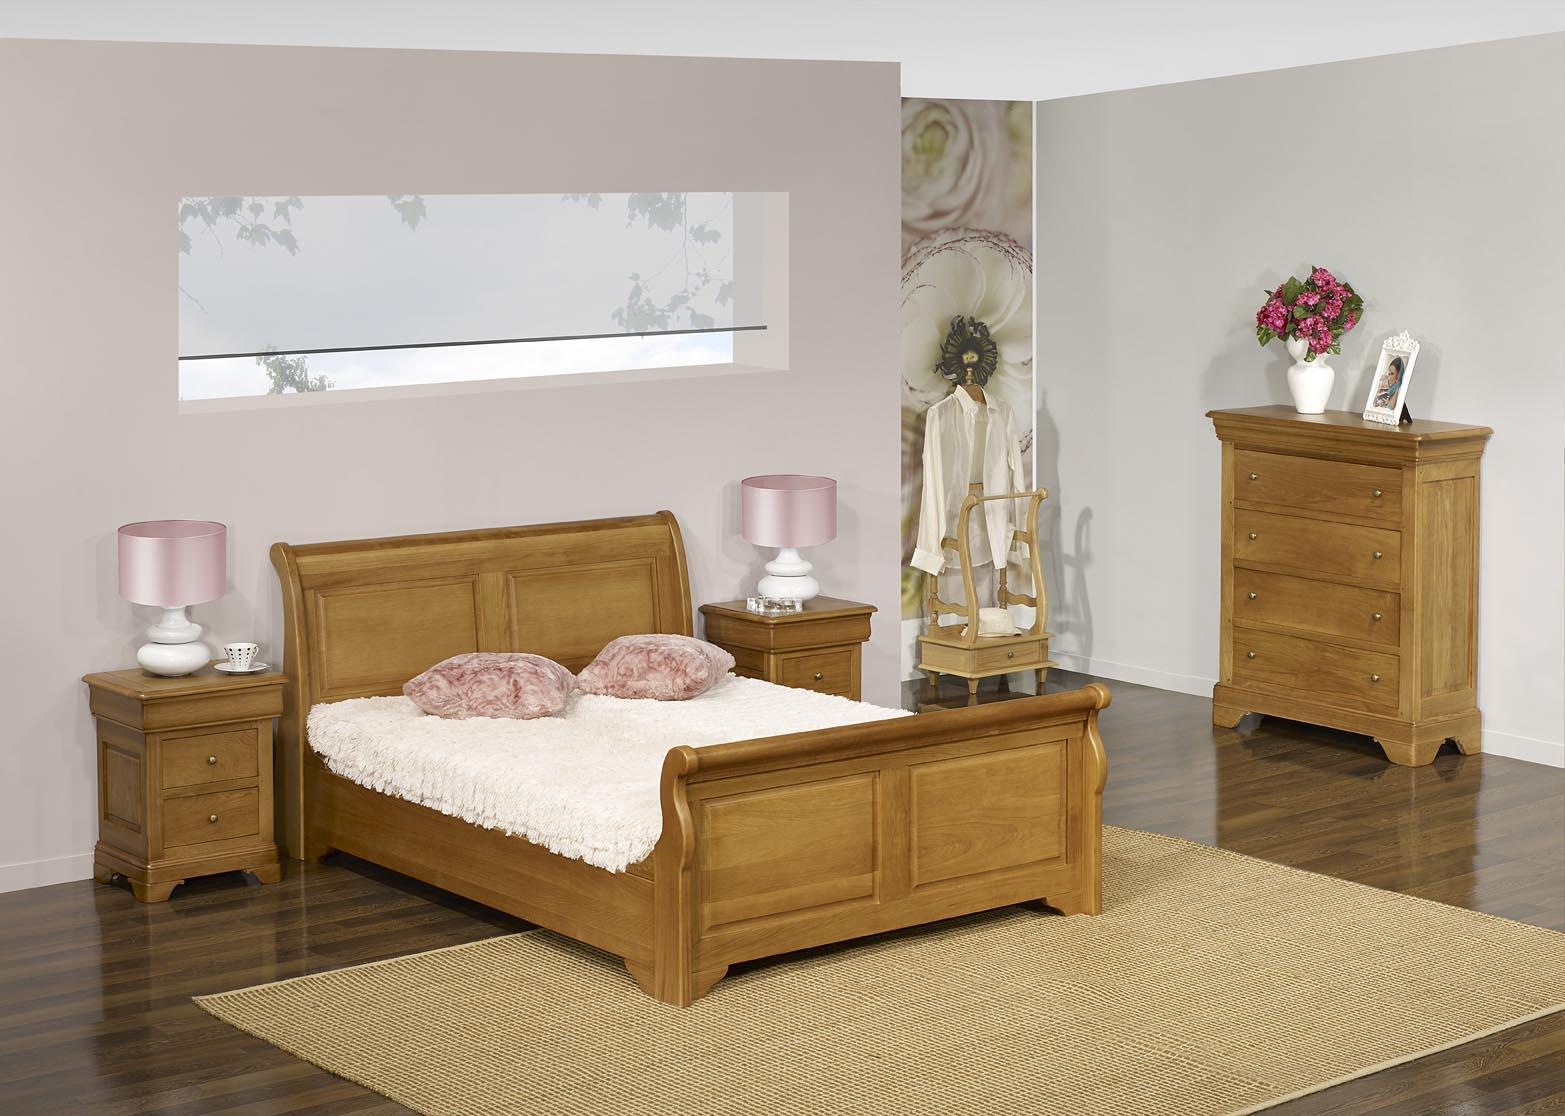 lit bateau 160x200 etienne en ch ne massif de style louis philippe campagnard meuble en ch ne. Black Bedroom Furniture Sets. Home Design Ideas